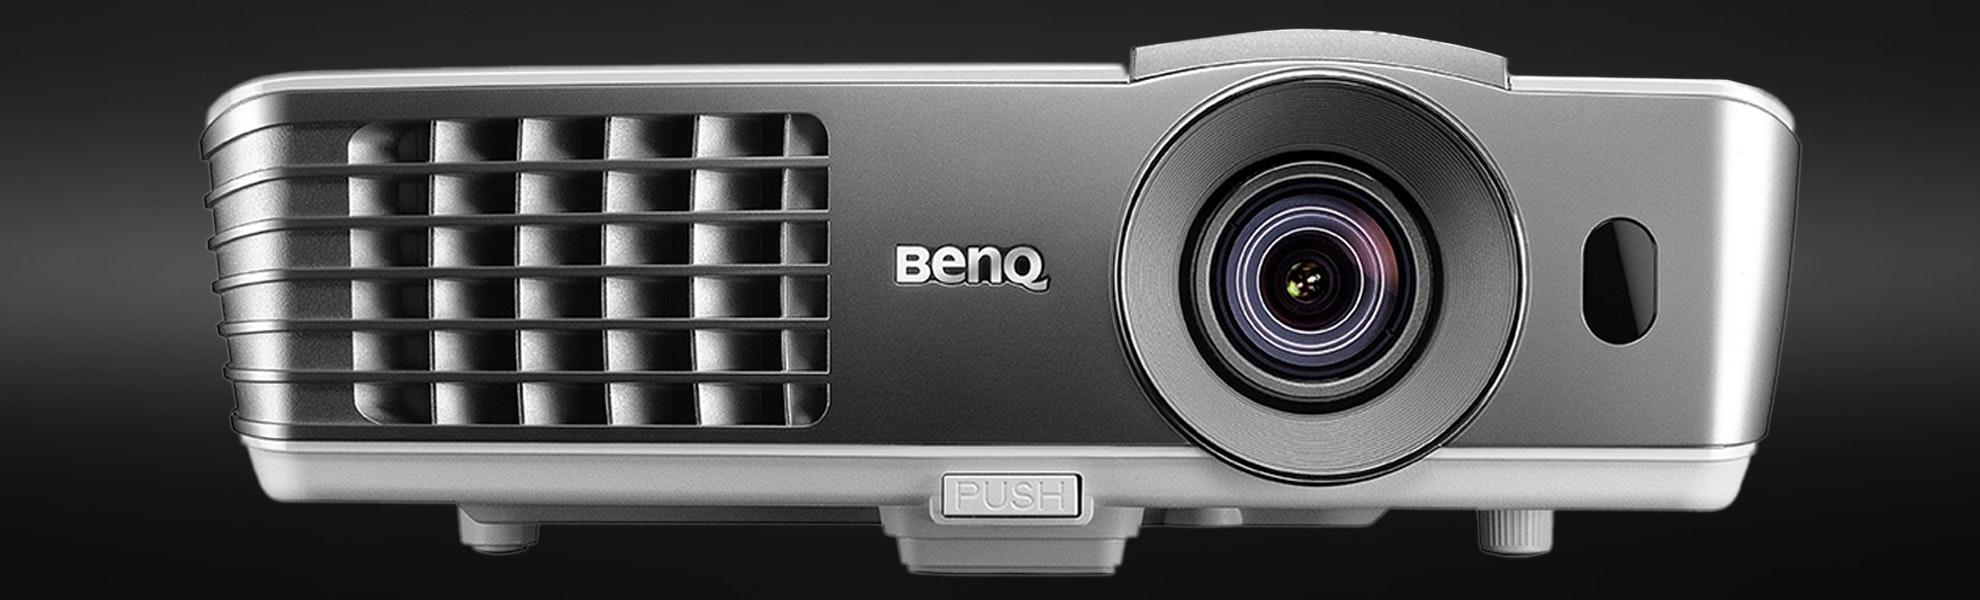 BenQ W1070 1080p HD 3D Projector